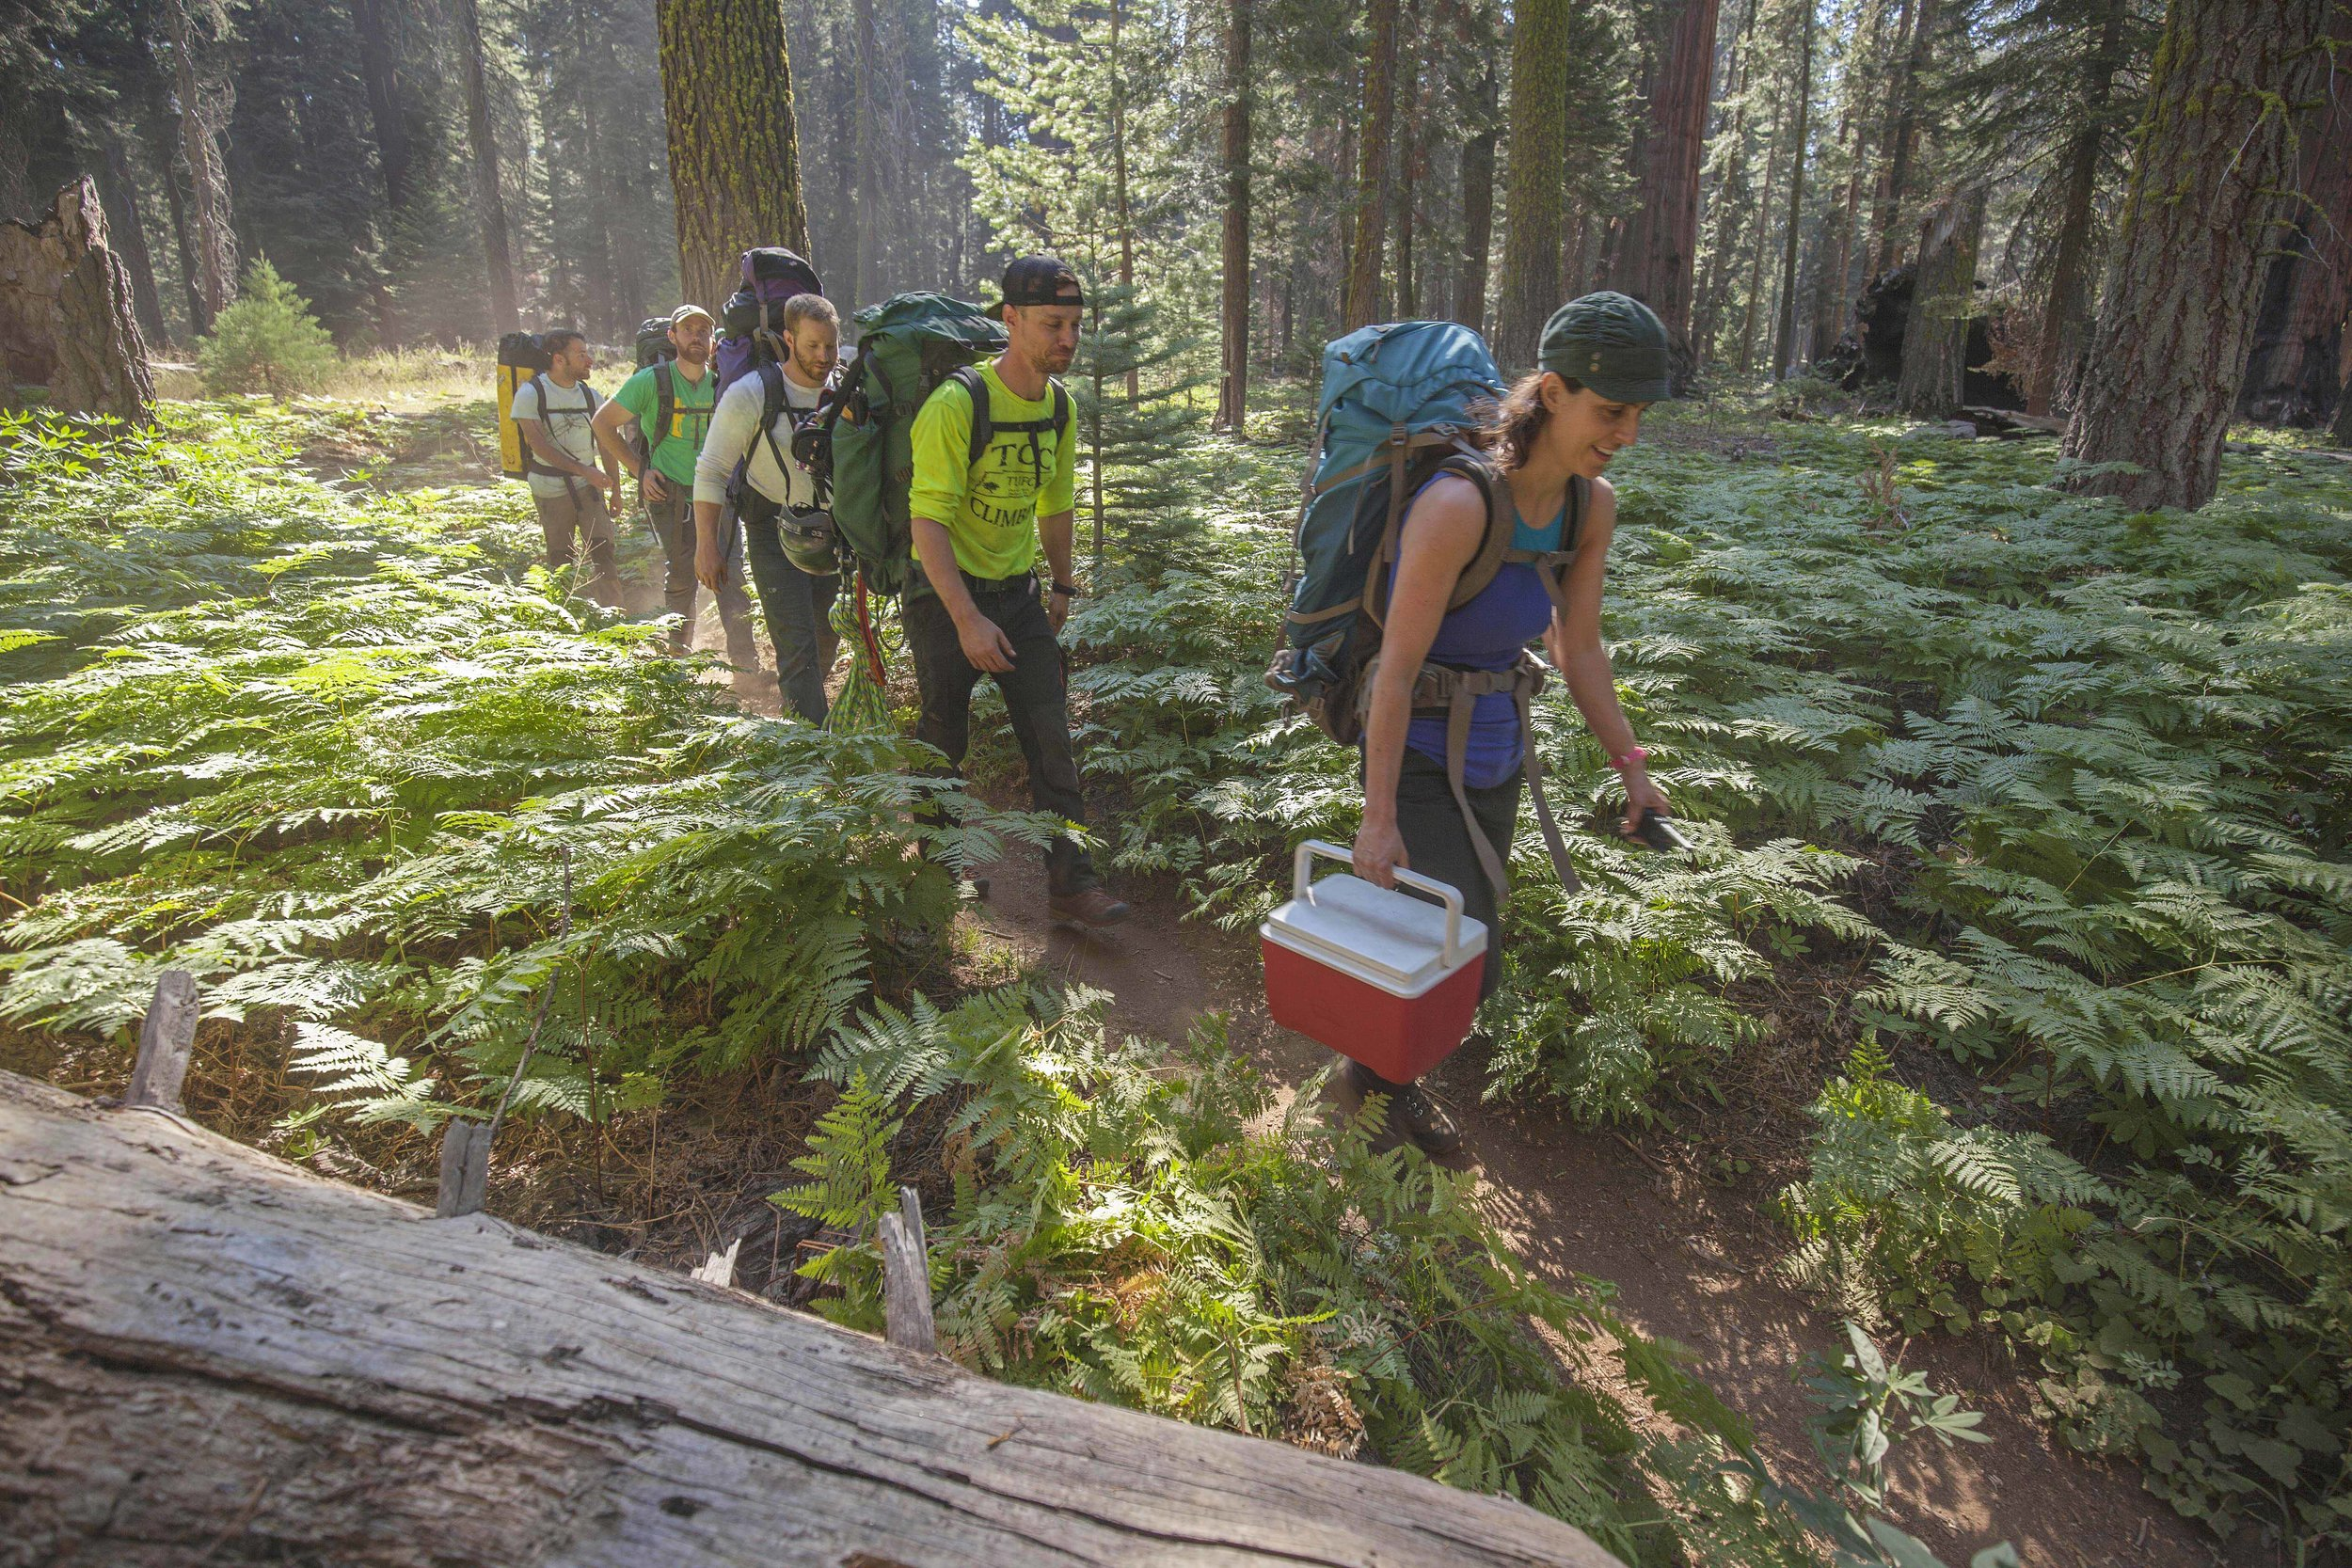 Ambrose_IMG_4238_Crew hiking_low res.jpg